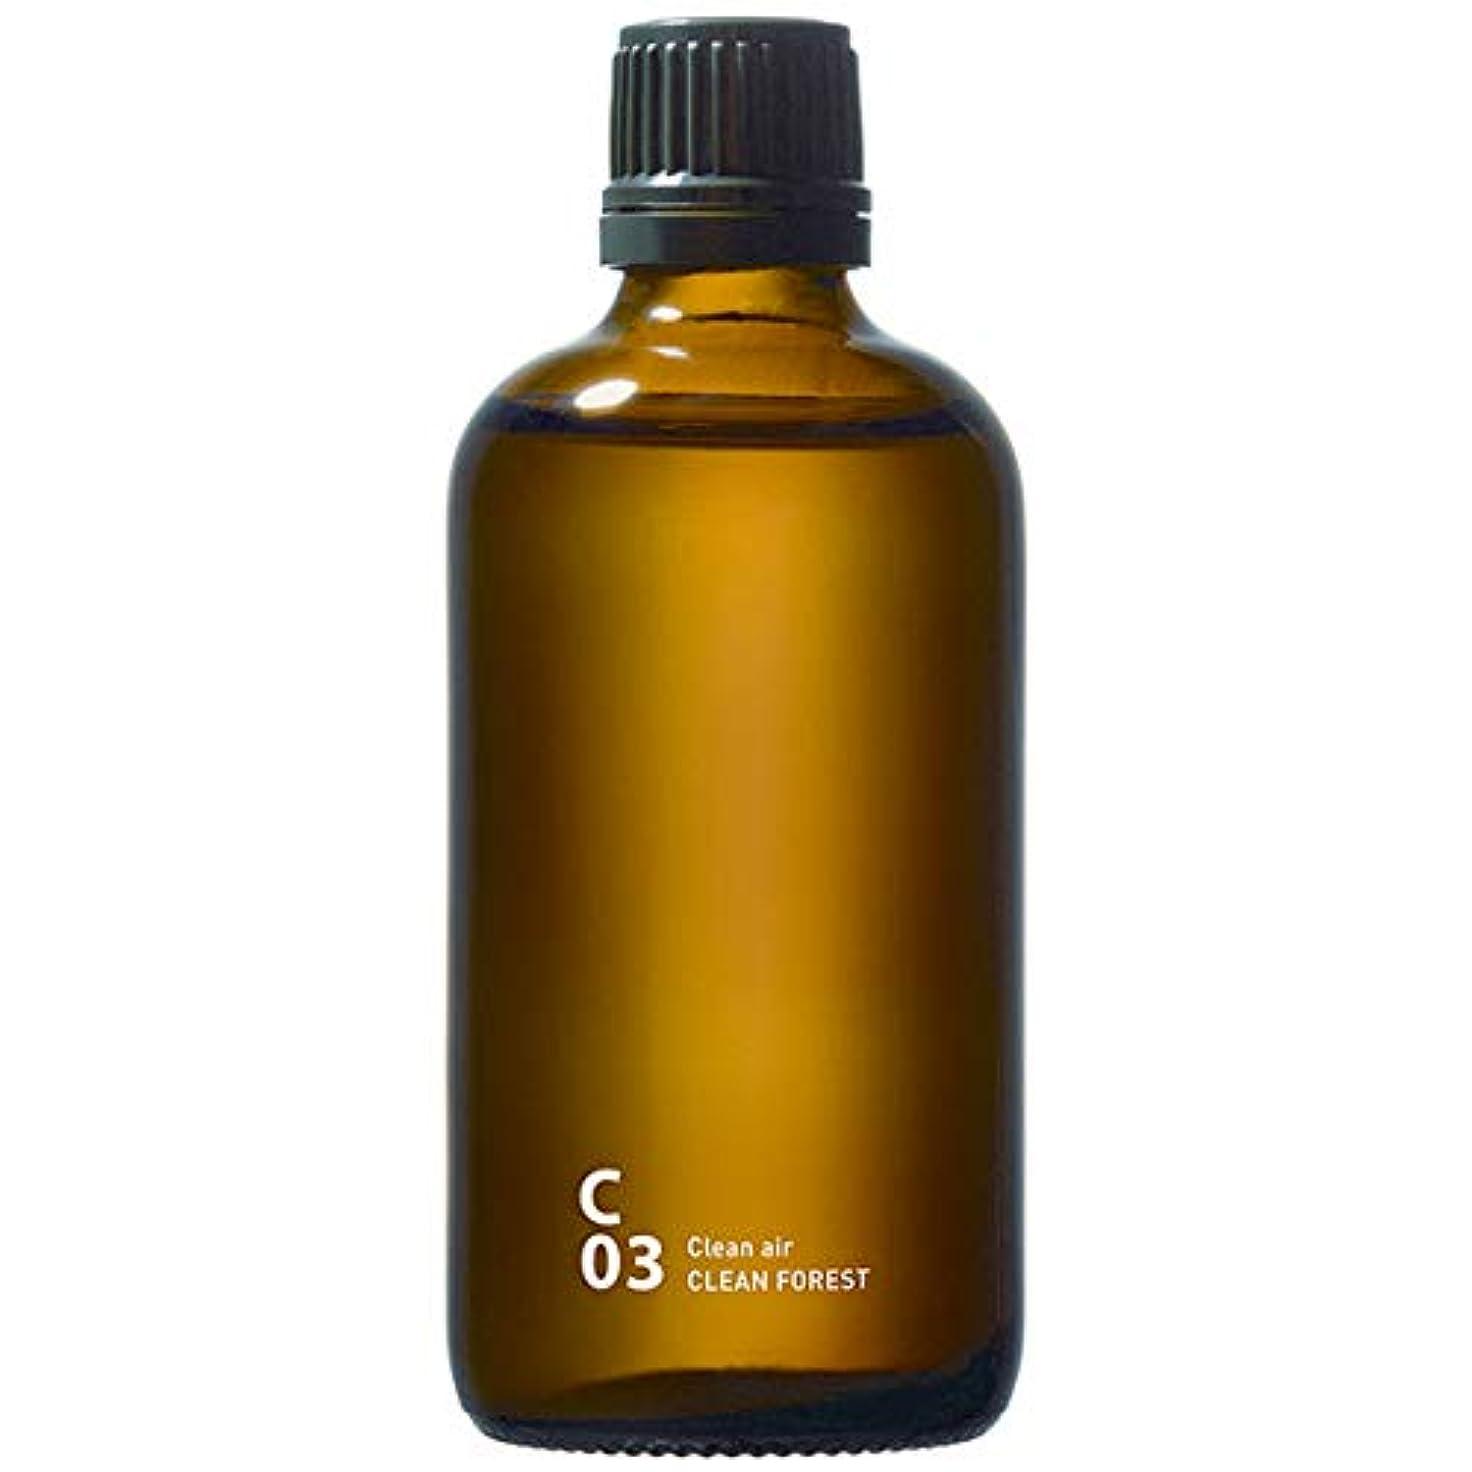 寸法テニス脆いC03 CLEAN FOREST piezo aroma oil 100ml